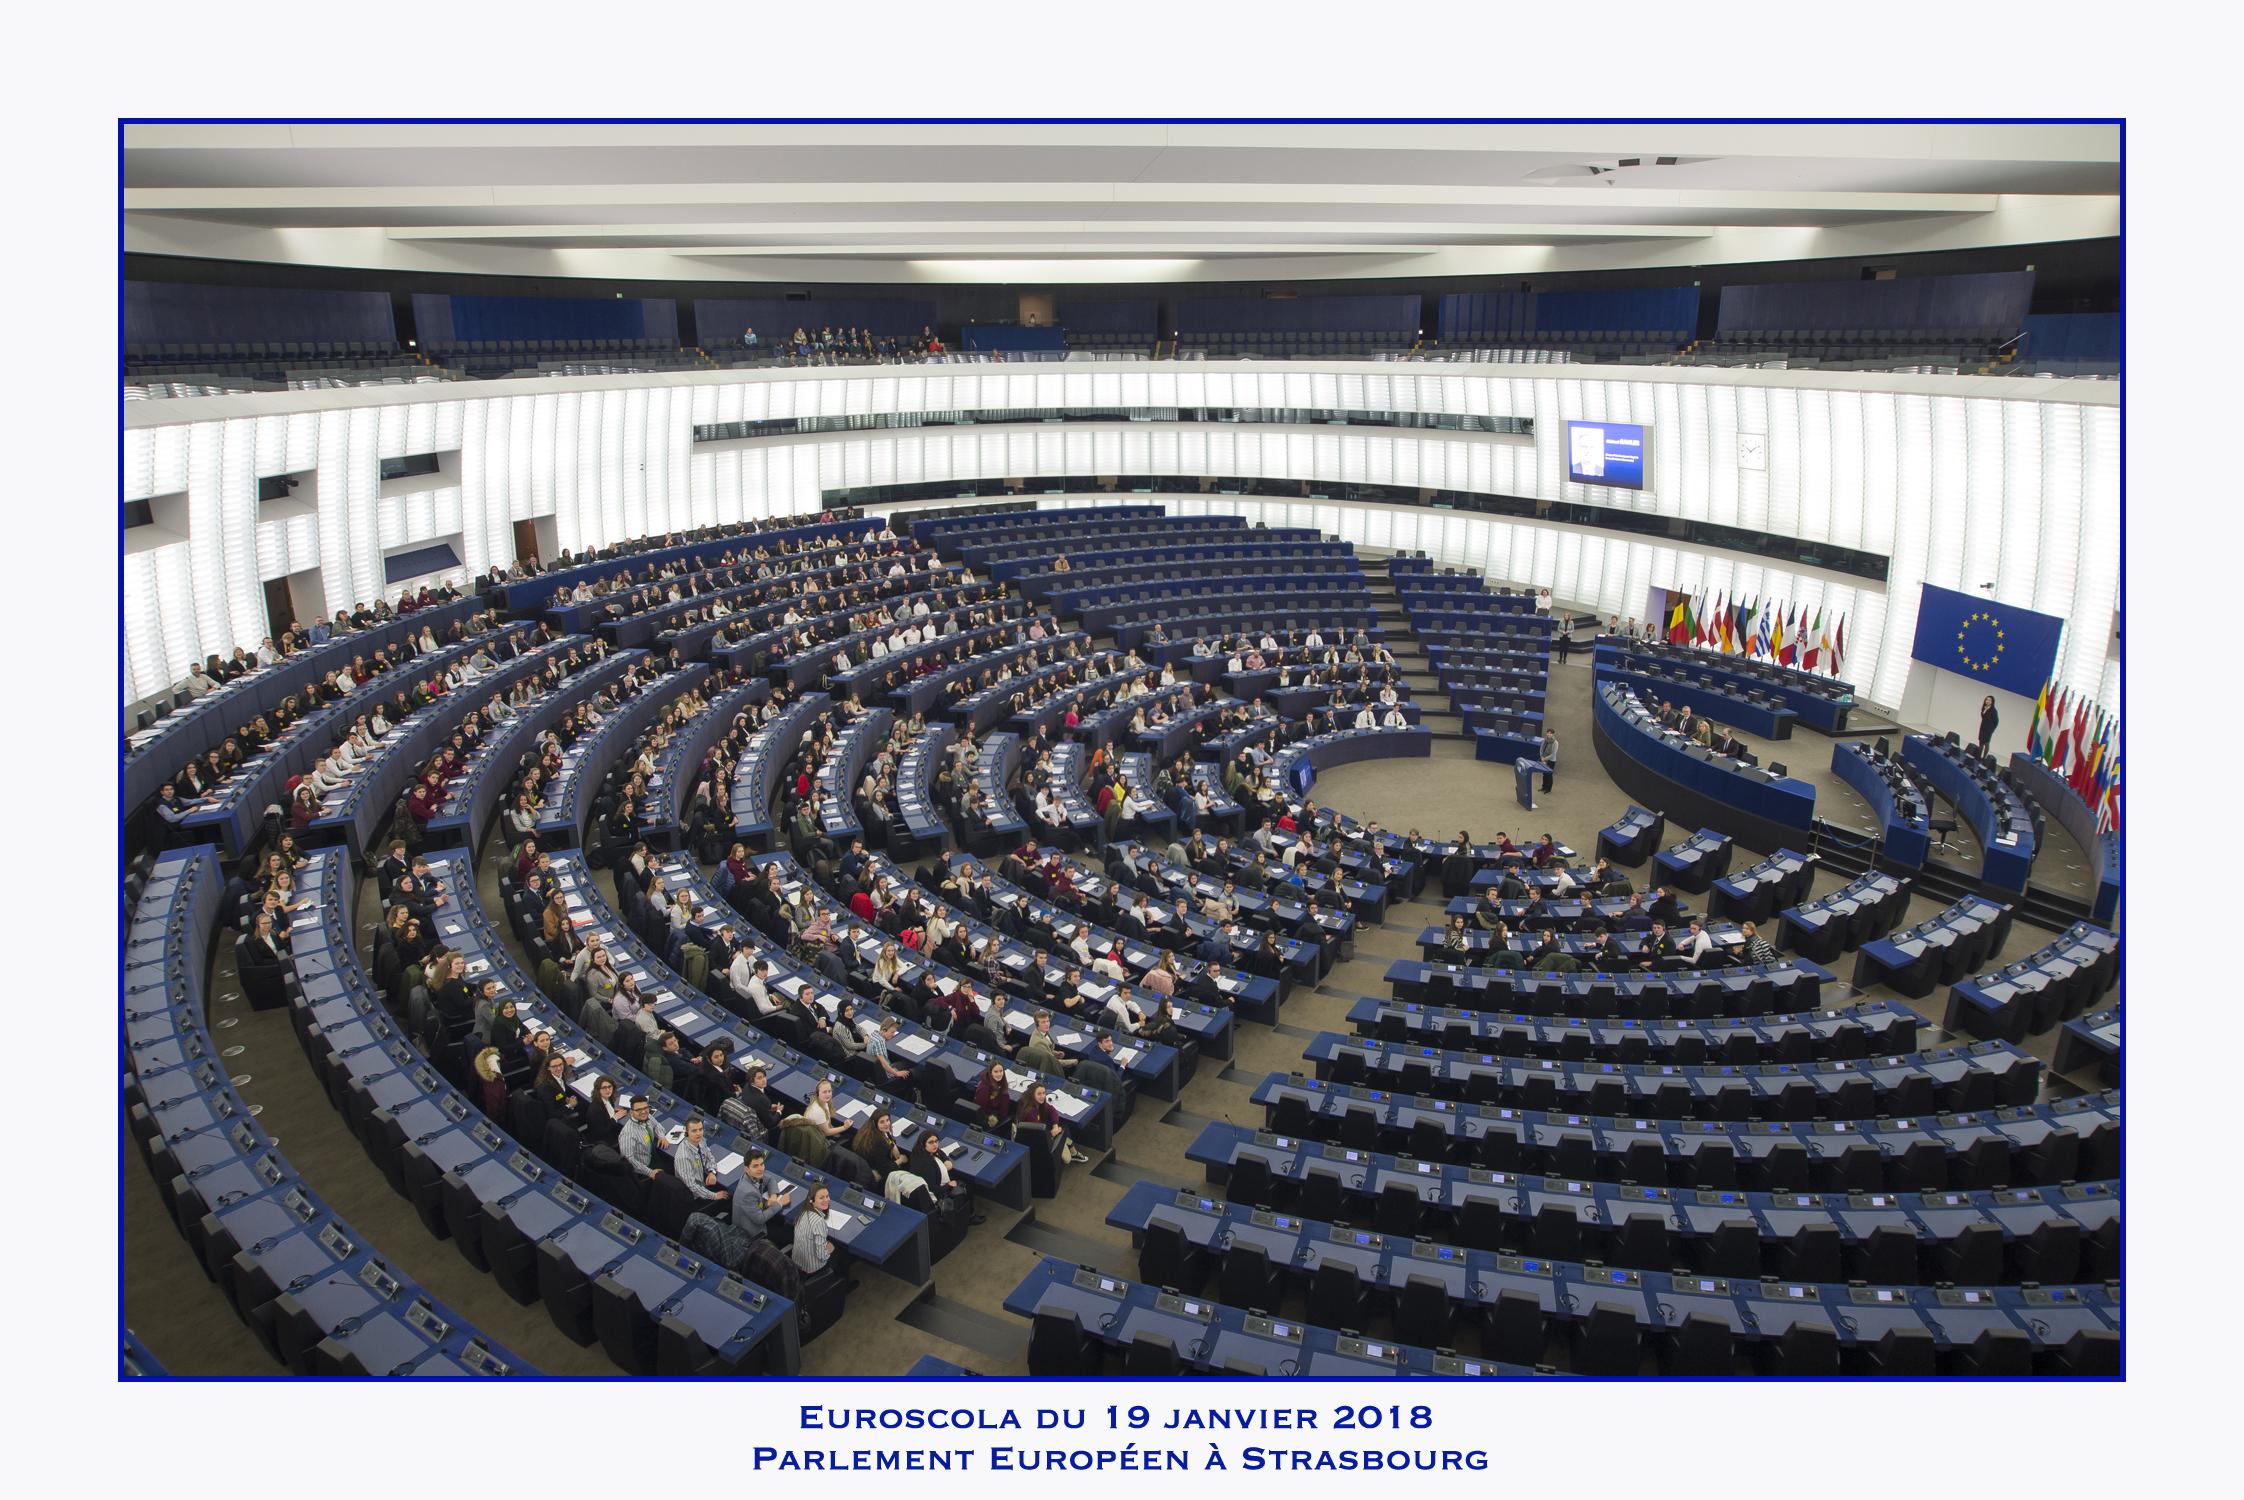 20180119_Euroscola_ 177H